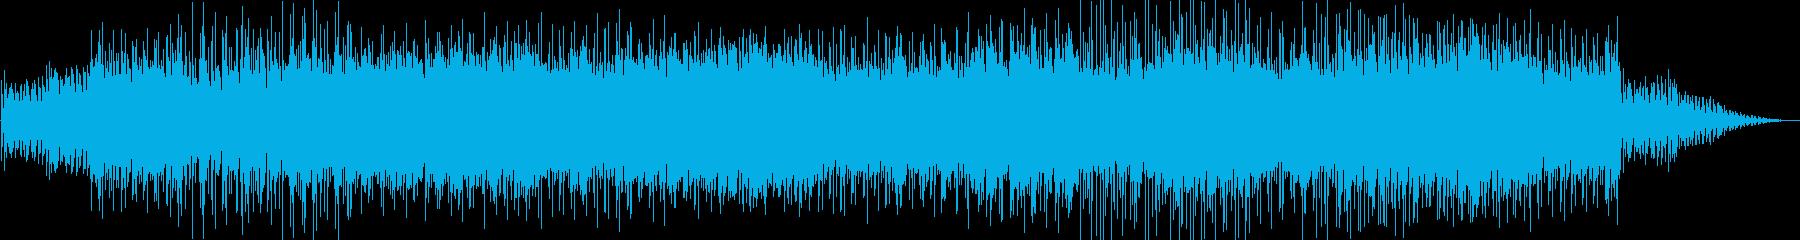 明るく軽快な雰囲気のハワイアンソングの再生済みの波形